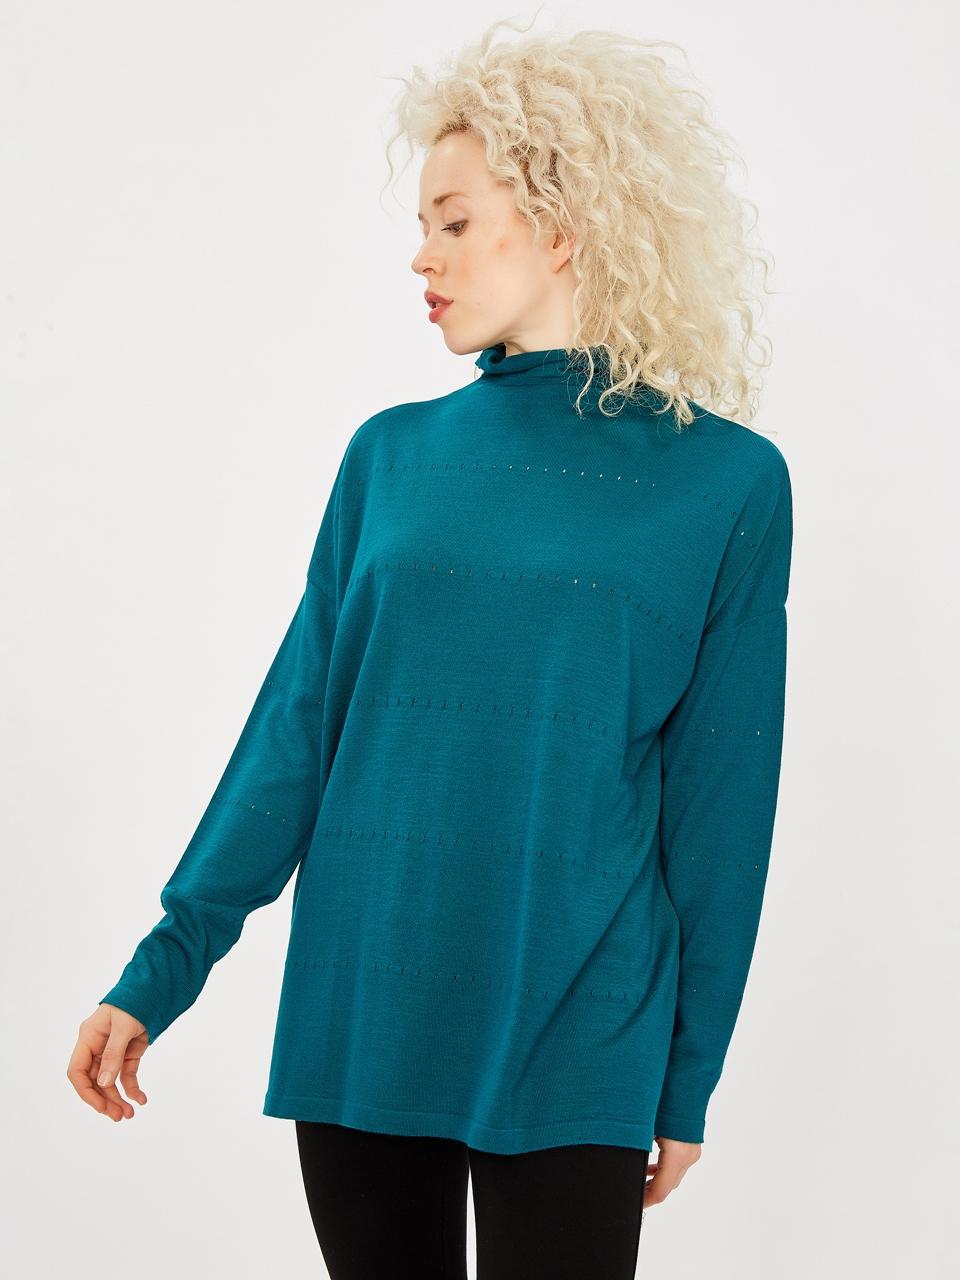 Turtleneck Long Sleeve Knitwear